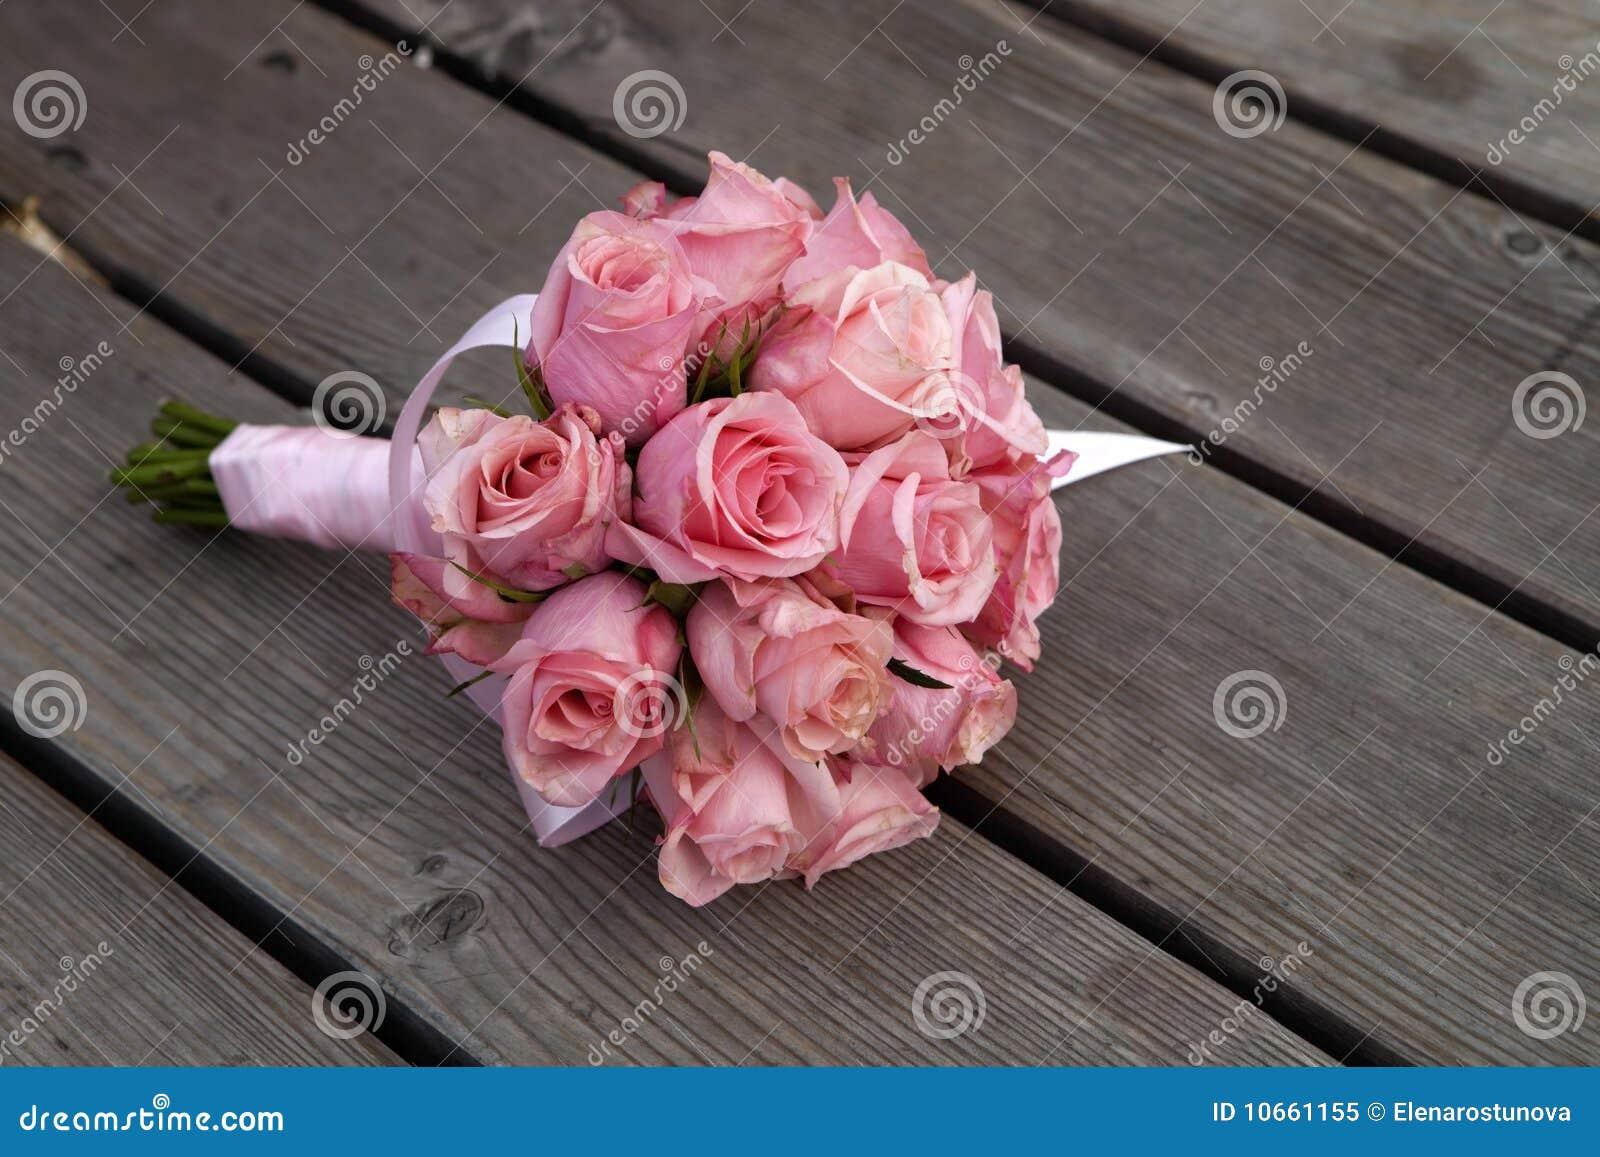 Hochzeitsblumen Stockbild Bild Von Zivilist Liebe Schon 10661155